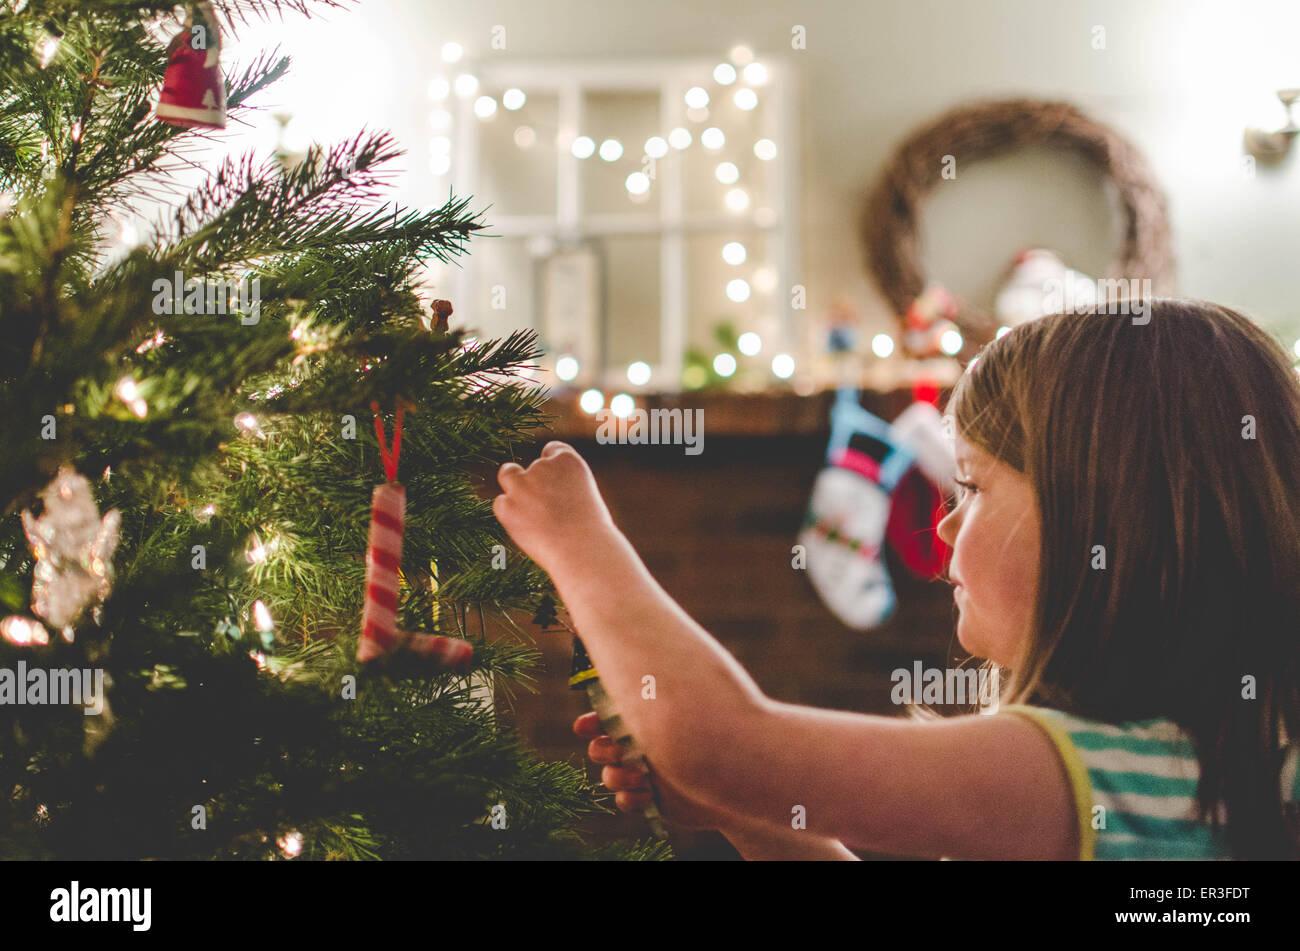 Ragazza decorare un albero di Natale Immagini Stock